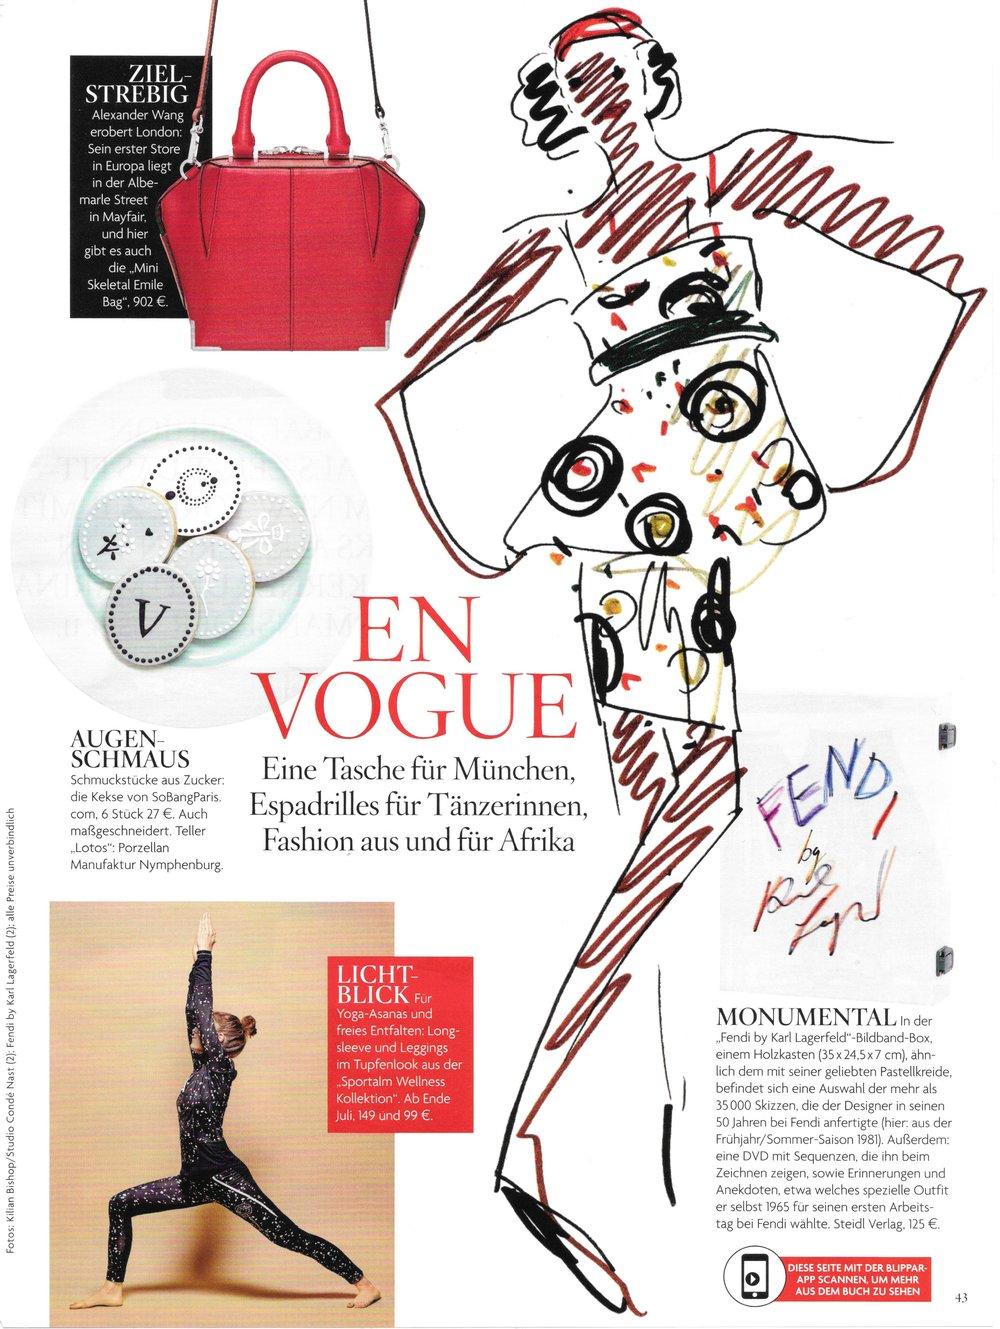 Vogue.jpeg